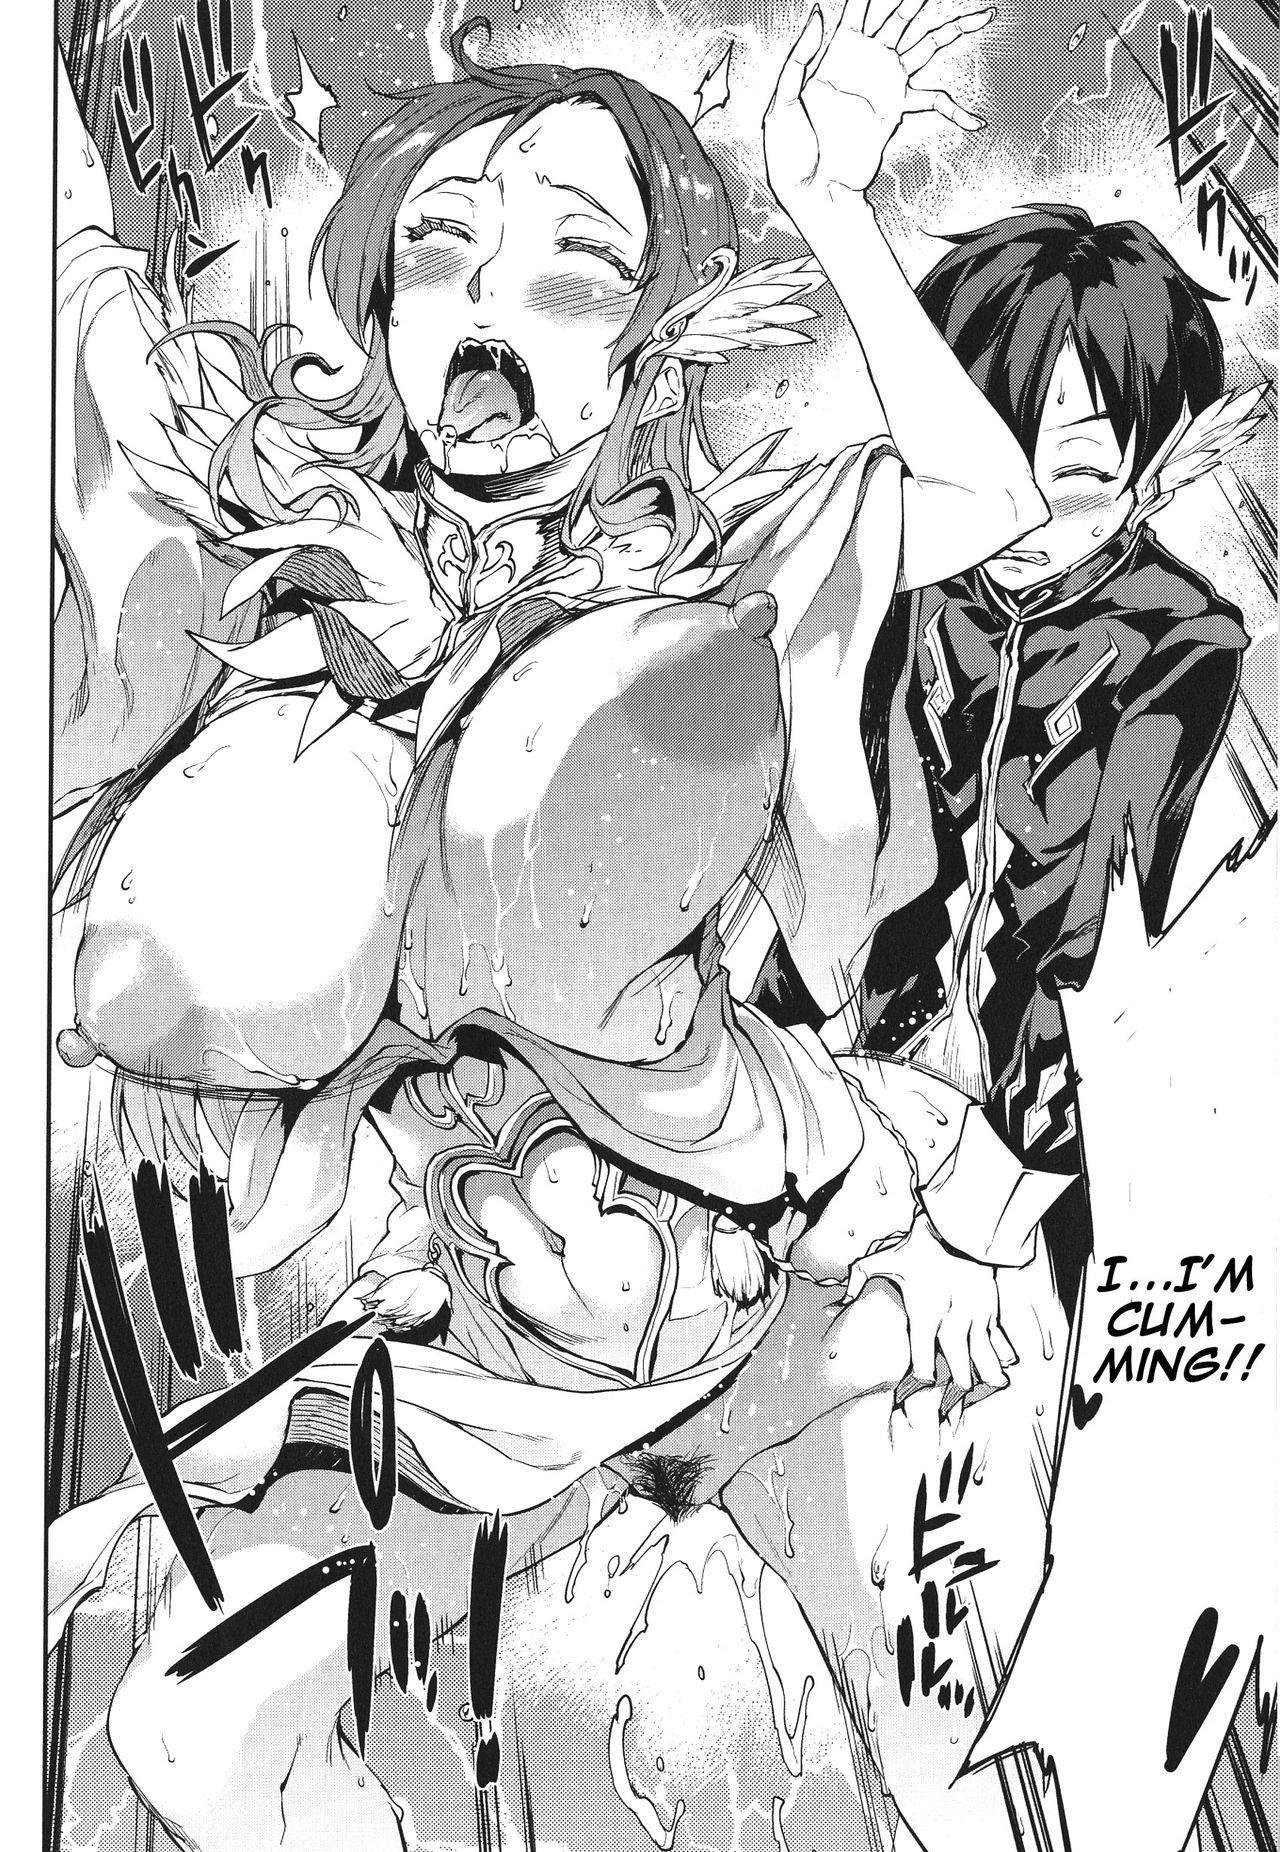 [Erect Sawaru] Raikou Shinki Igis Magia -PANDRA saga 3rd ignition- Ch. 1-6 [English] [CGrascal] 76